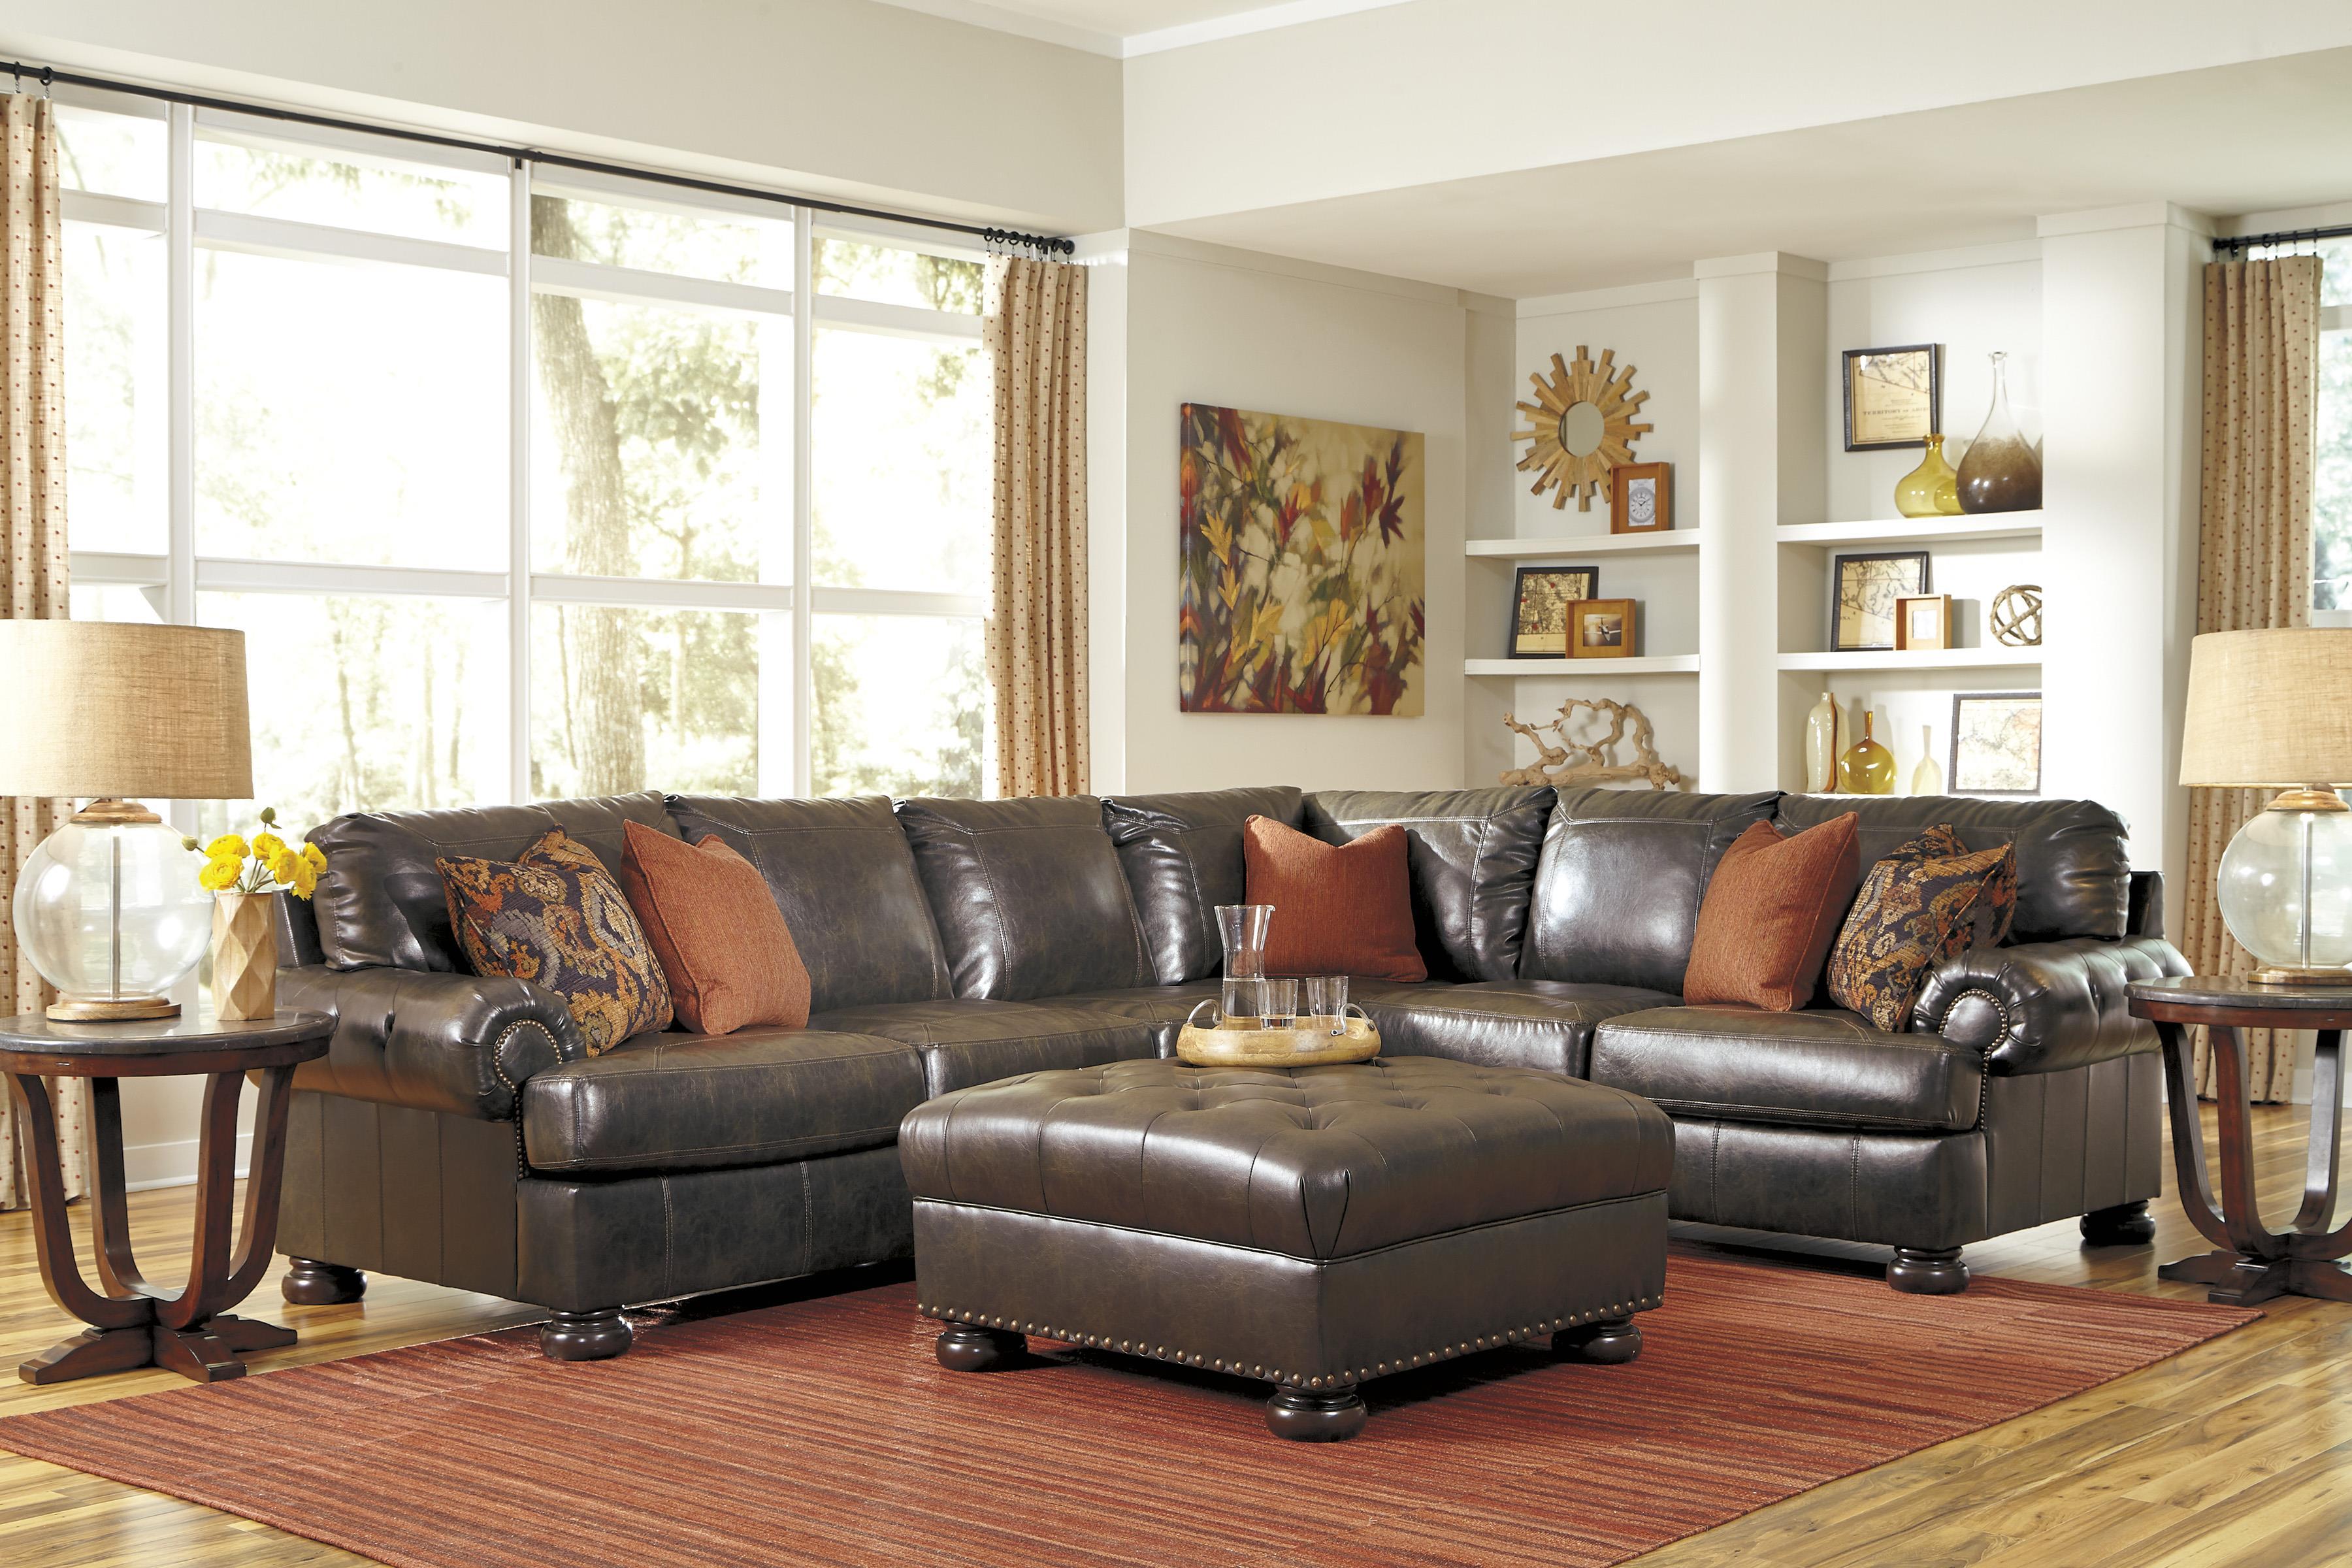 Benchcraft Nesbit DuraBlend® Stationary Living Room Group - Item Number: 31600 Living Room Group 2